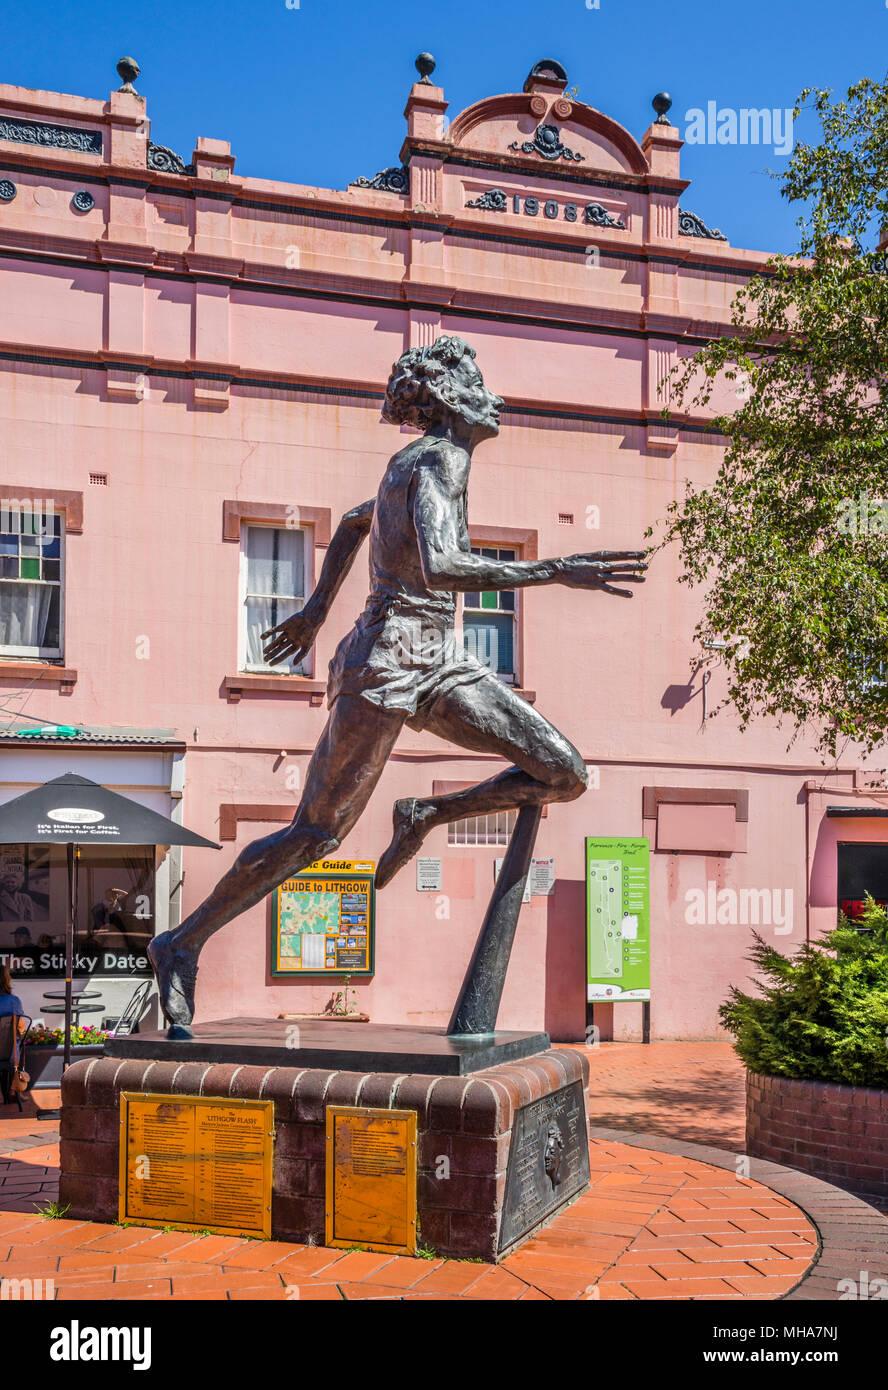 Mémorial à champion Marjorie Jackson-Nelson, surnommé le 'Flash' par le sculpteur Lithgow Anthony Symons, Lithgow, New South Wales, Australi Photo Stock